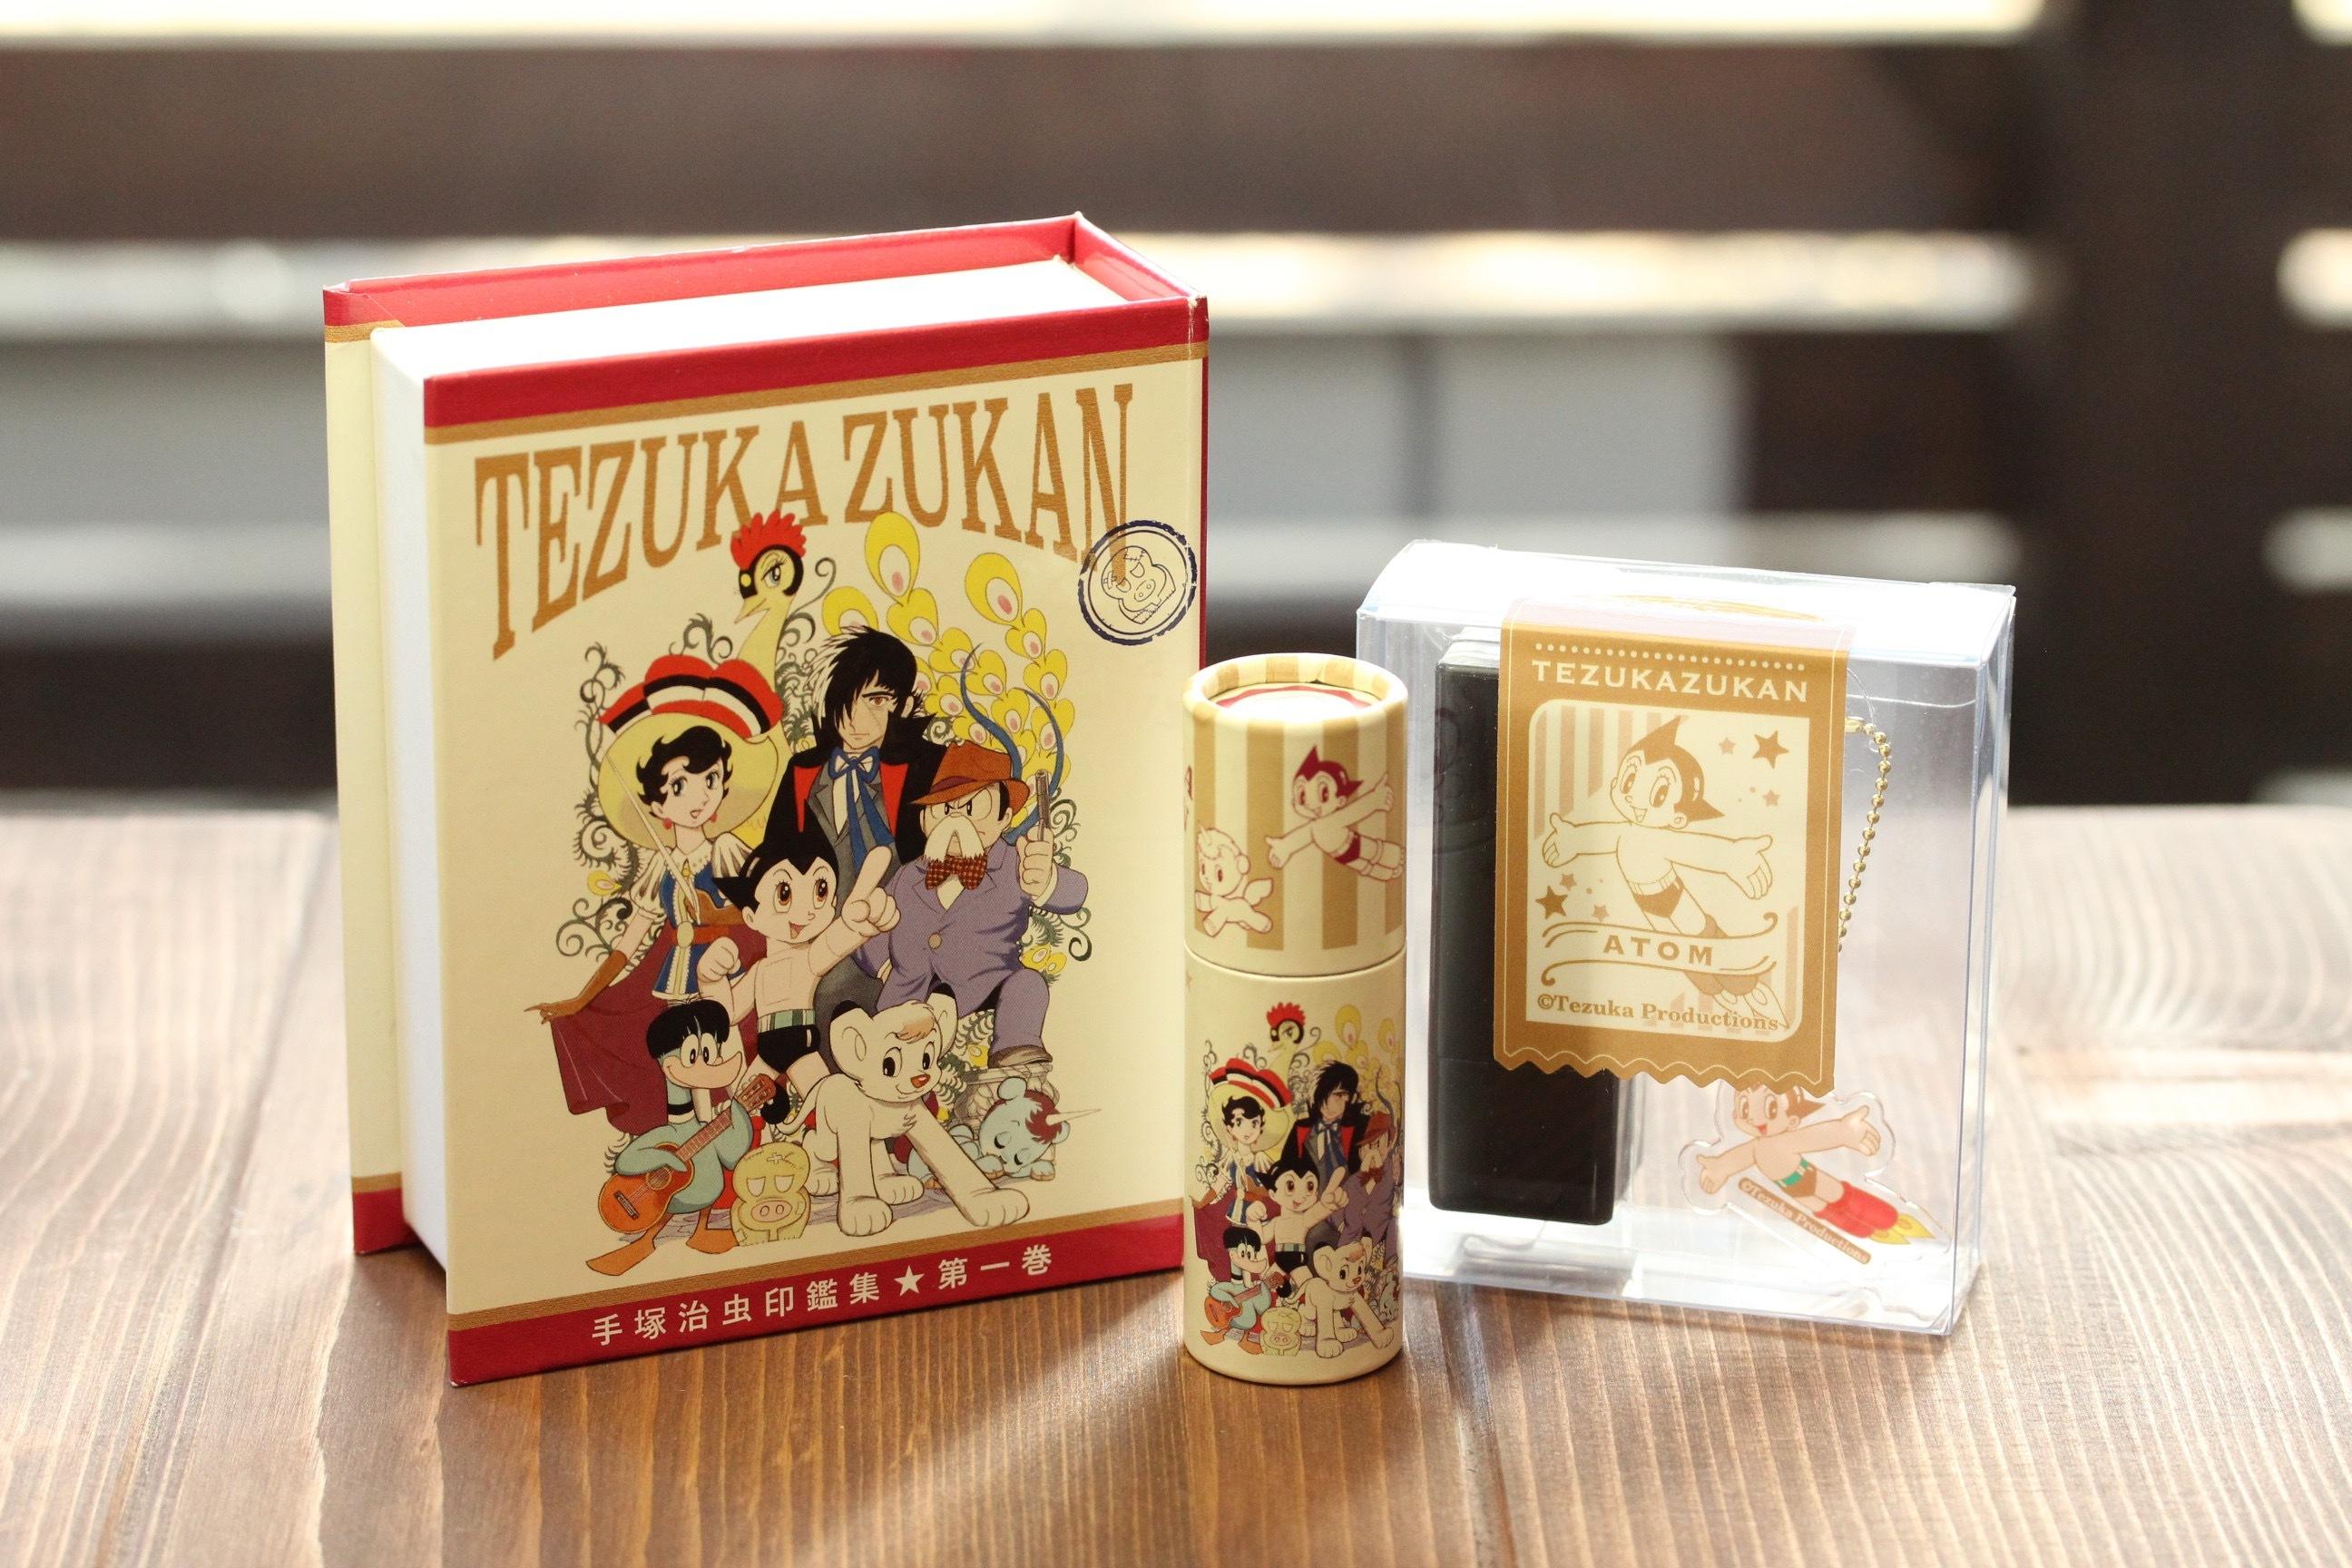 「手塚治虫キャラクターのハンコ」シリーズの紙管ケース